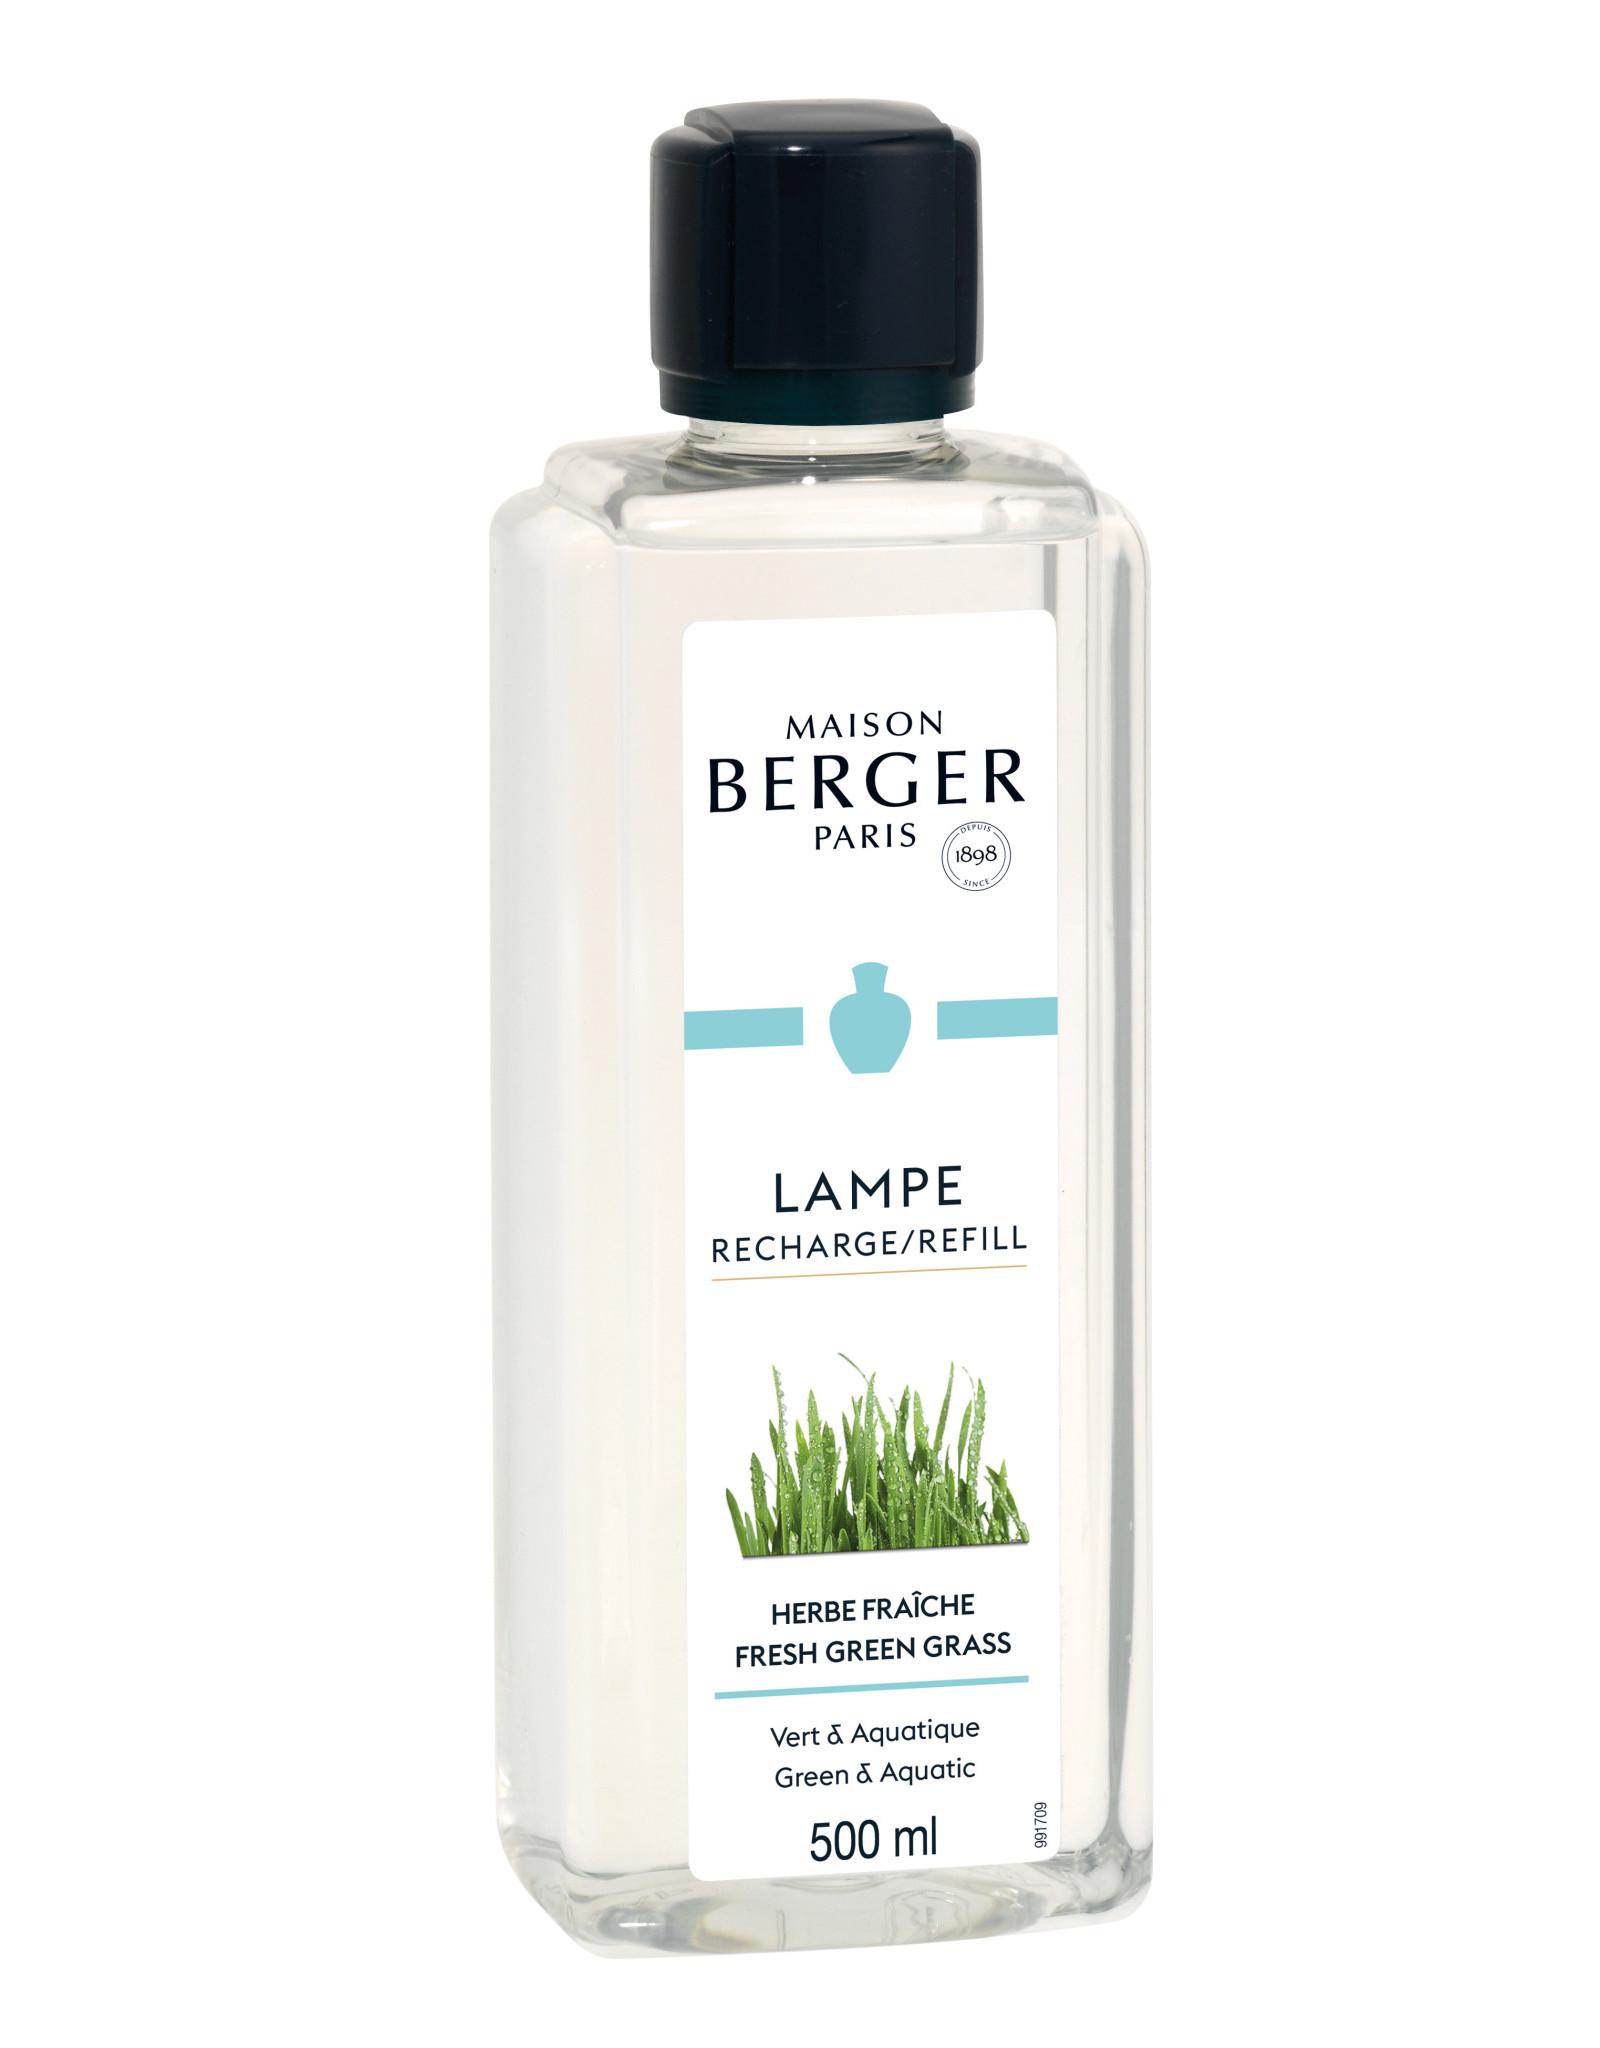 MAISON BERGER 500ML 115185 FRESH GREEN GRASS